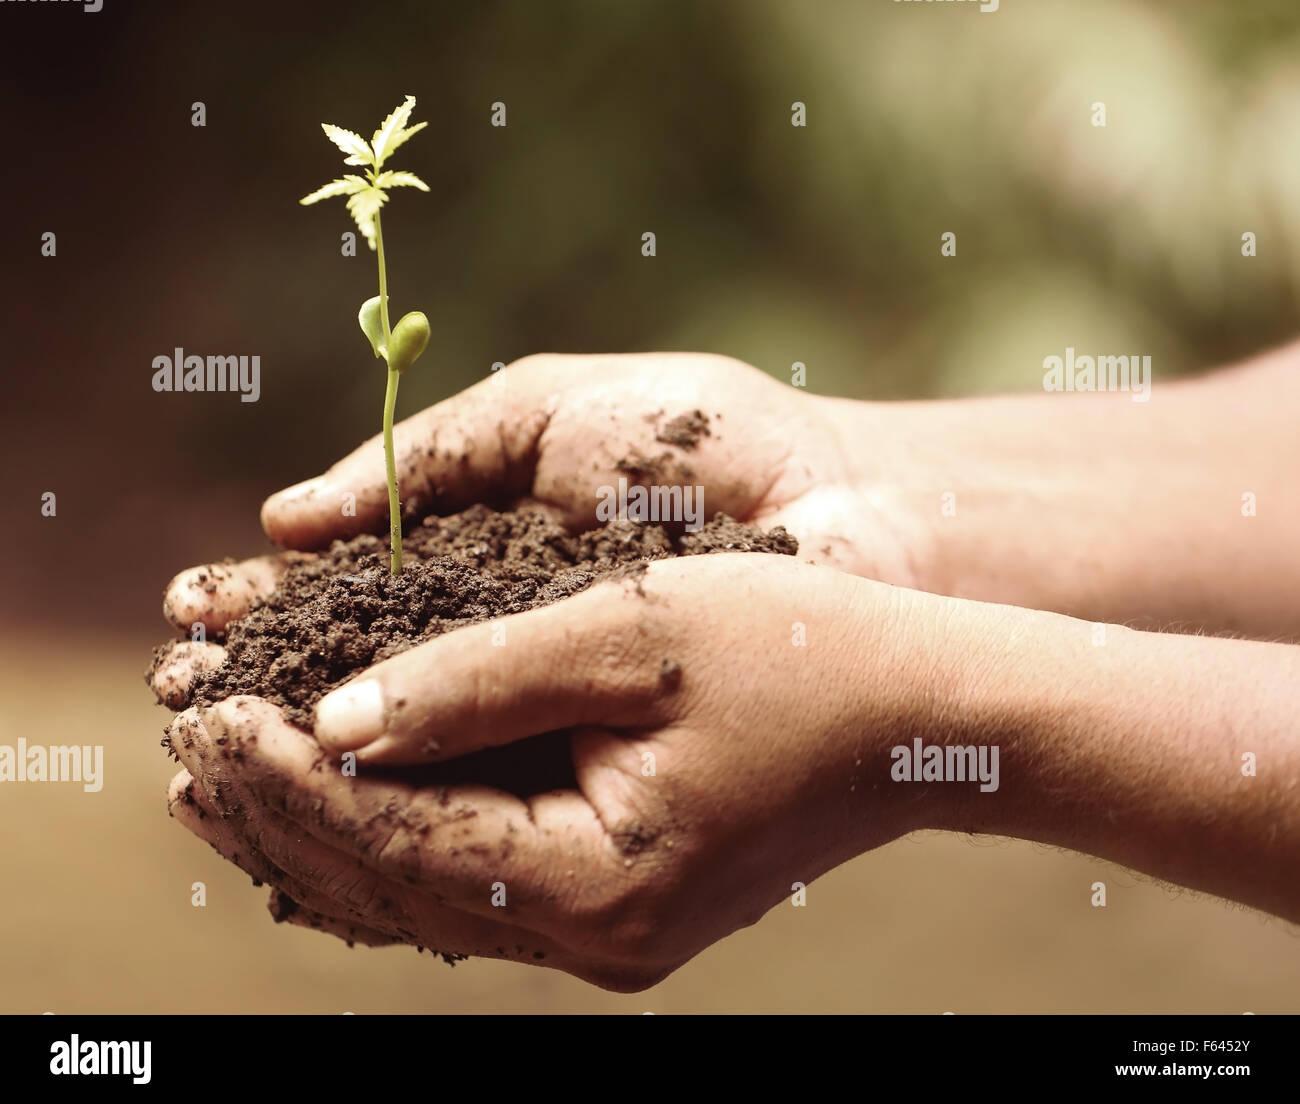 Manos sosteniendo una tierna planta de neem medicinales Imagen De Stock